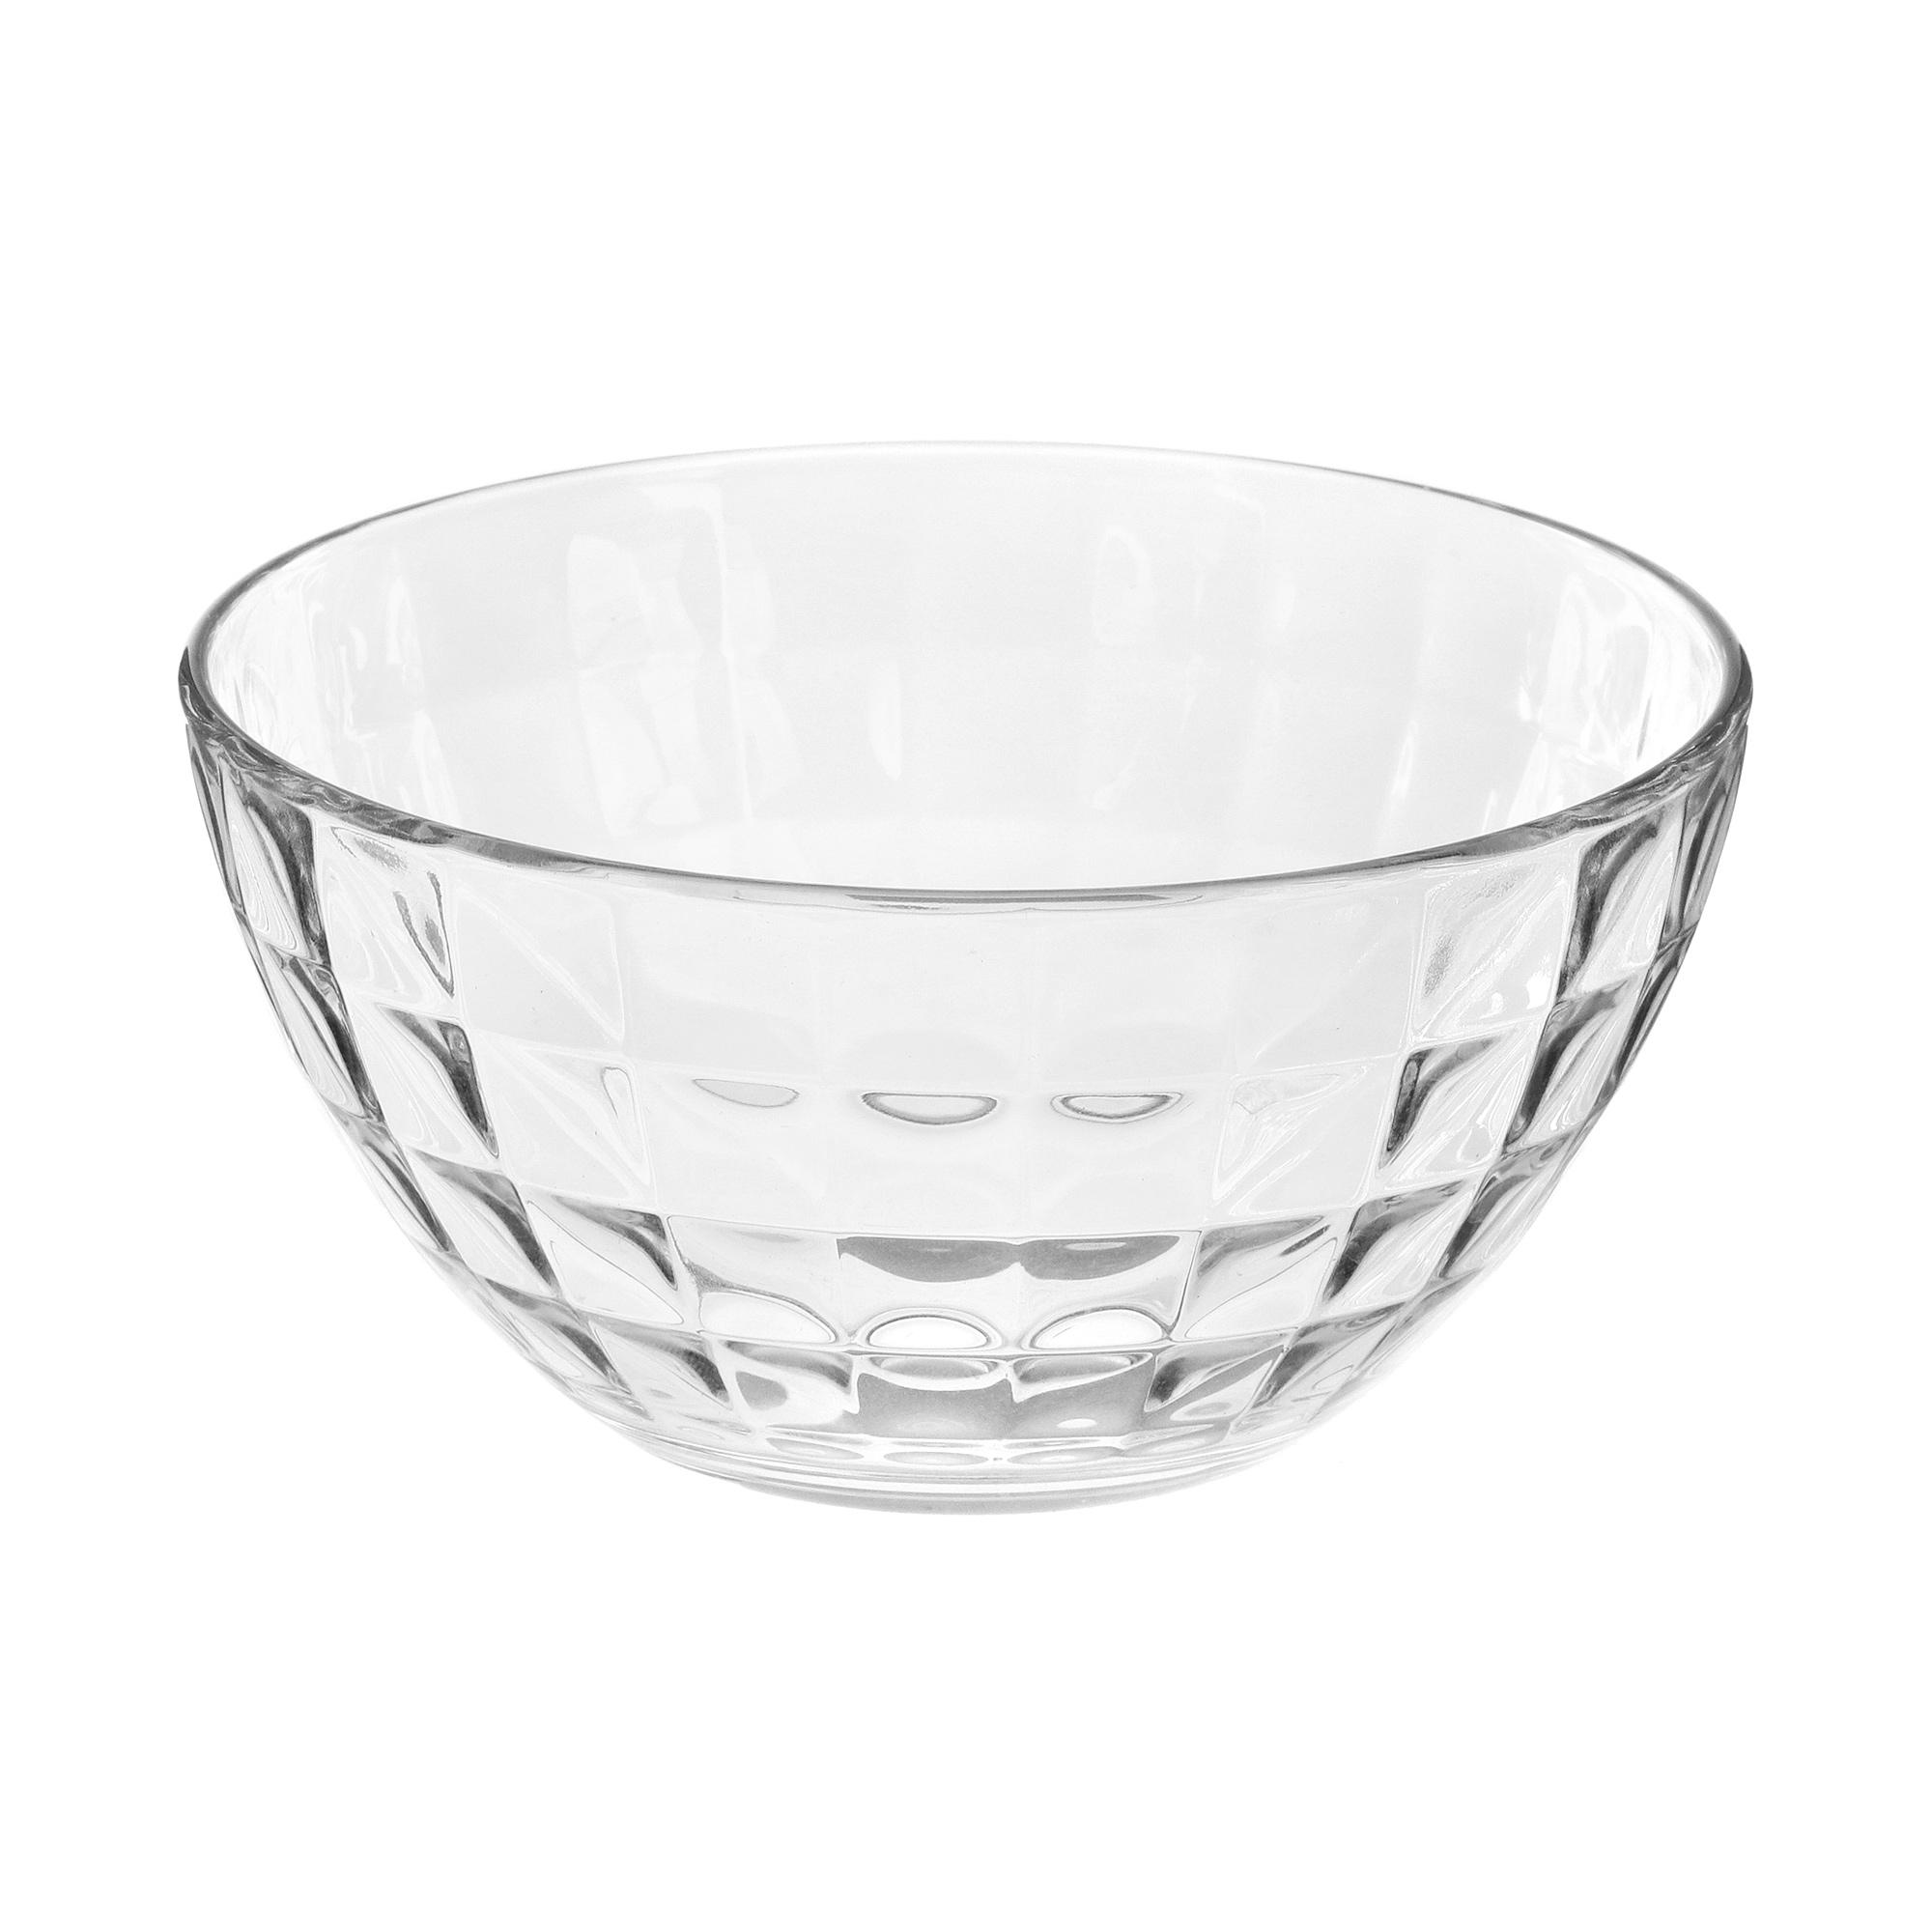 Салатник стеклянный Осз Монарх 15,8 см